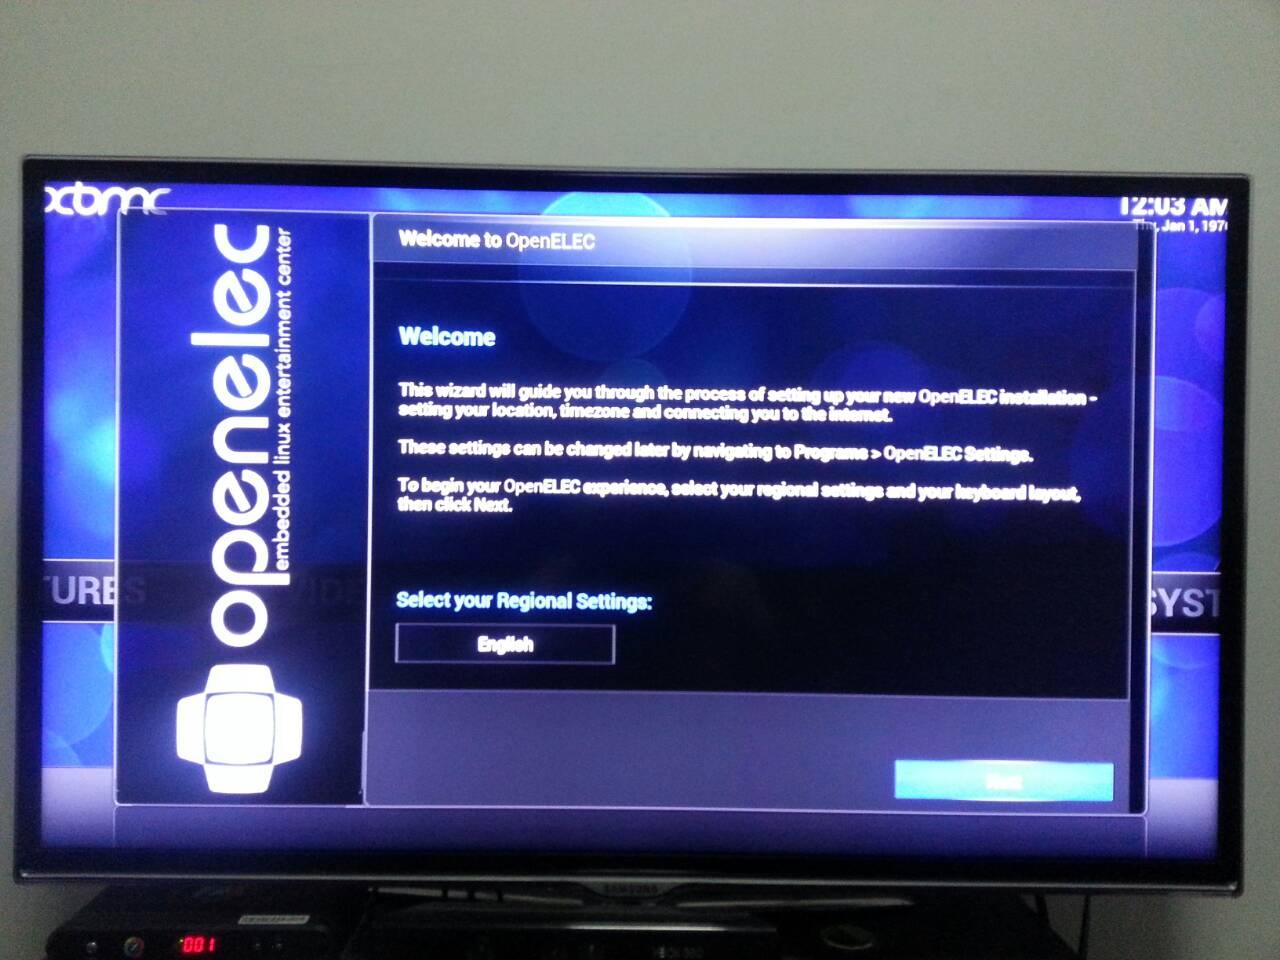 Welcome_Openelec